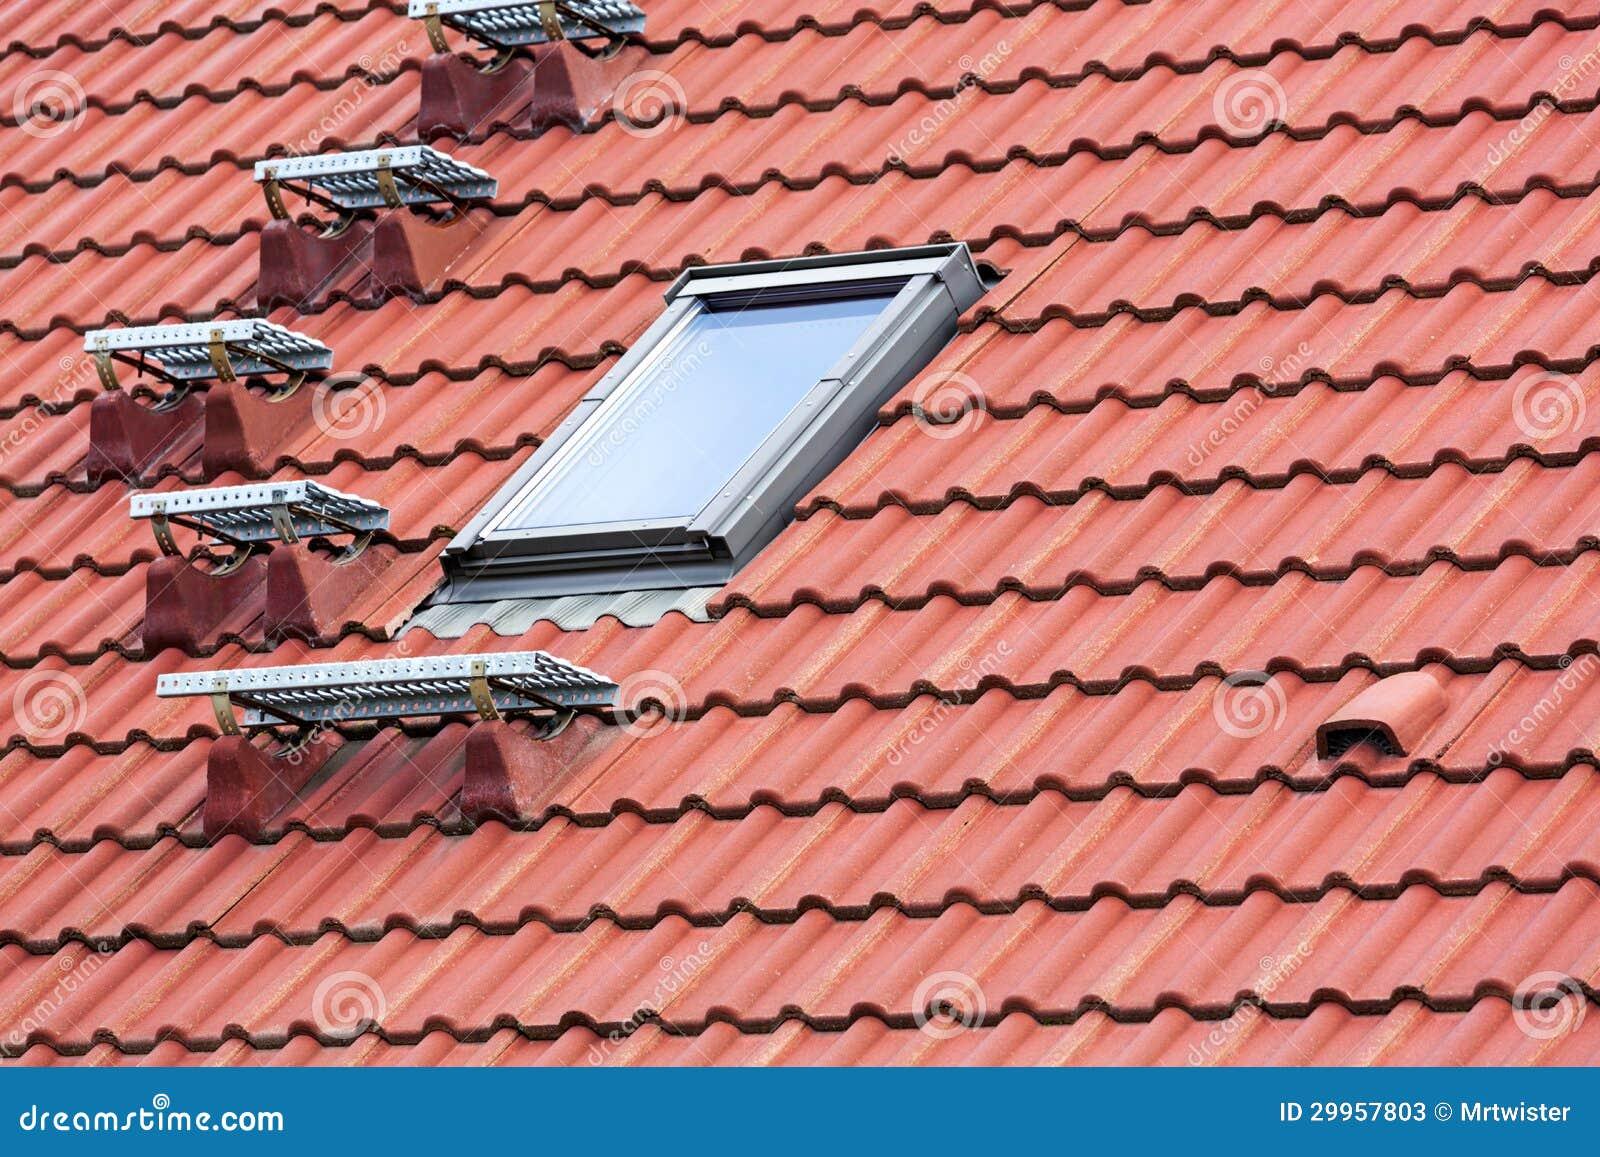 Scala del tetto fotografie stock immagine 29957803 - Finestra sul tetto ...